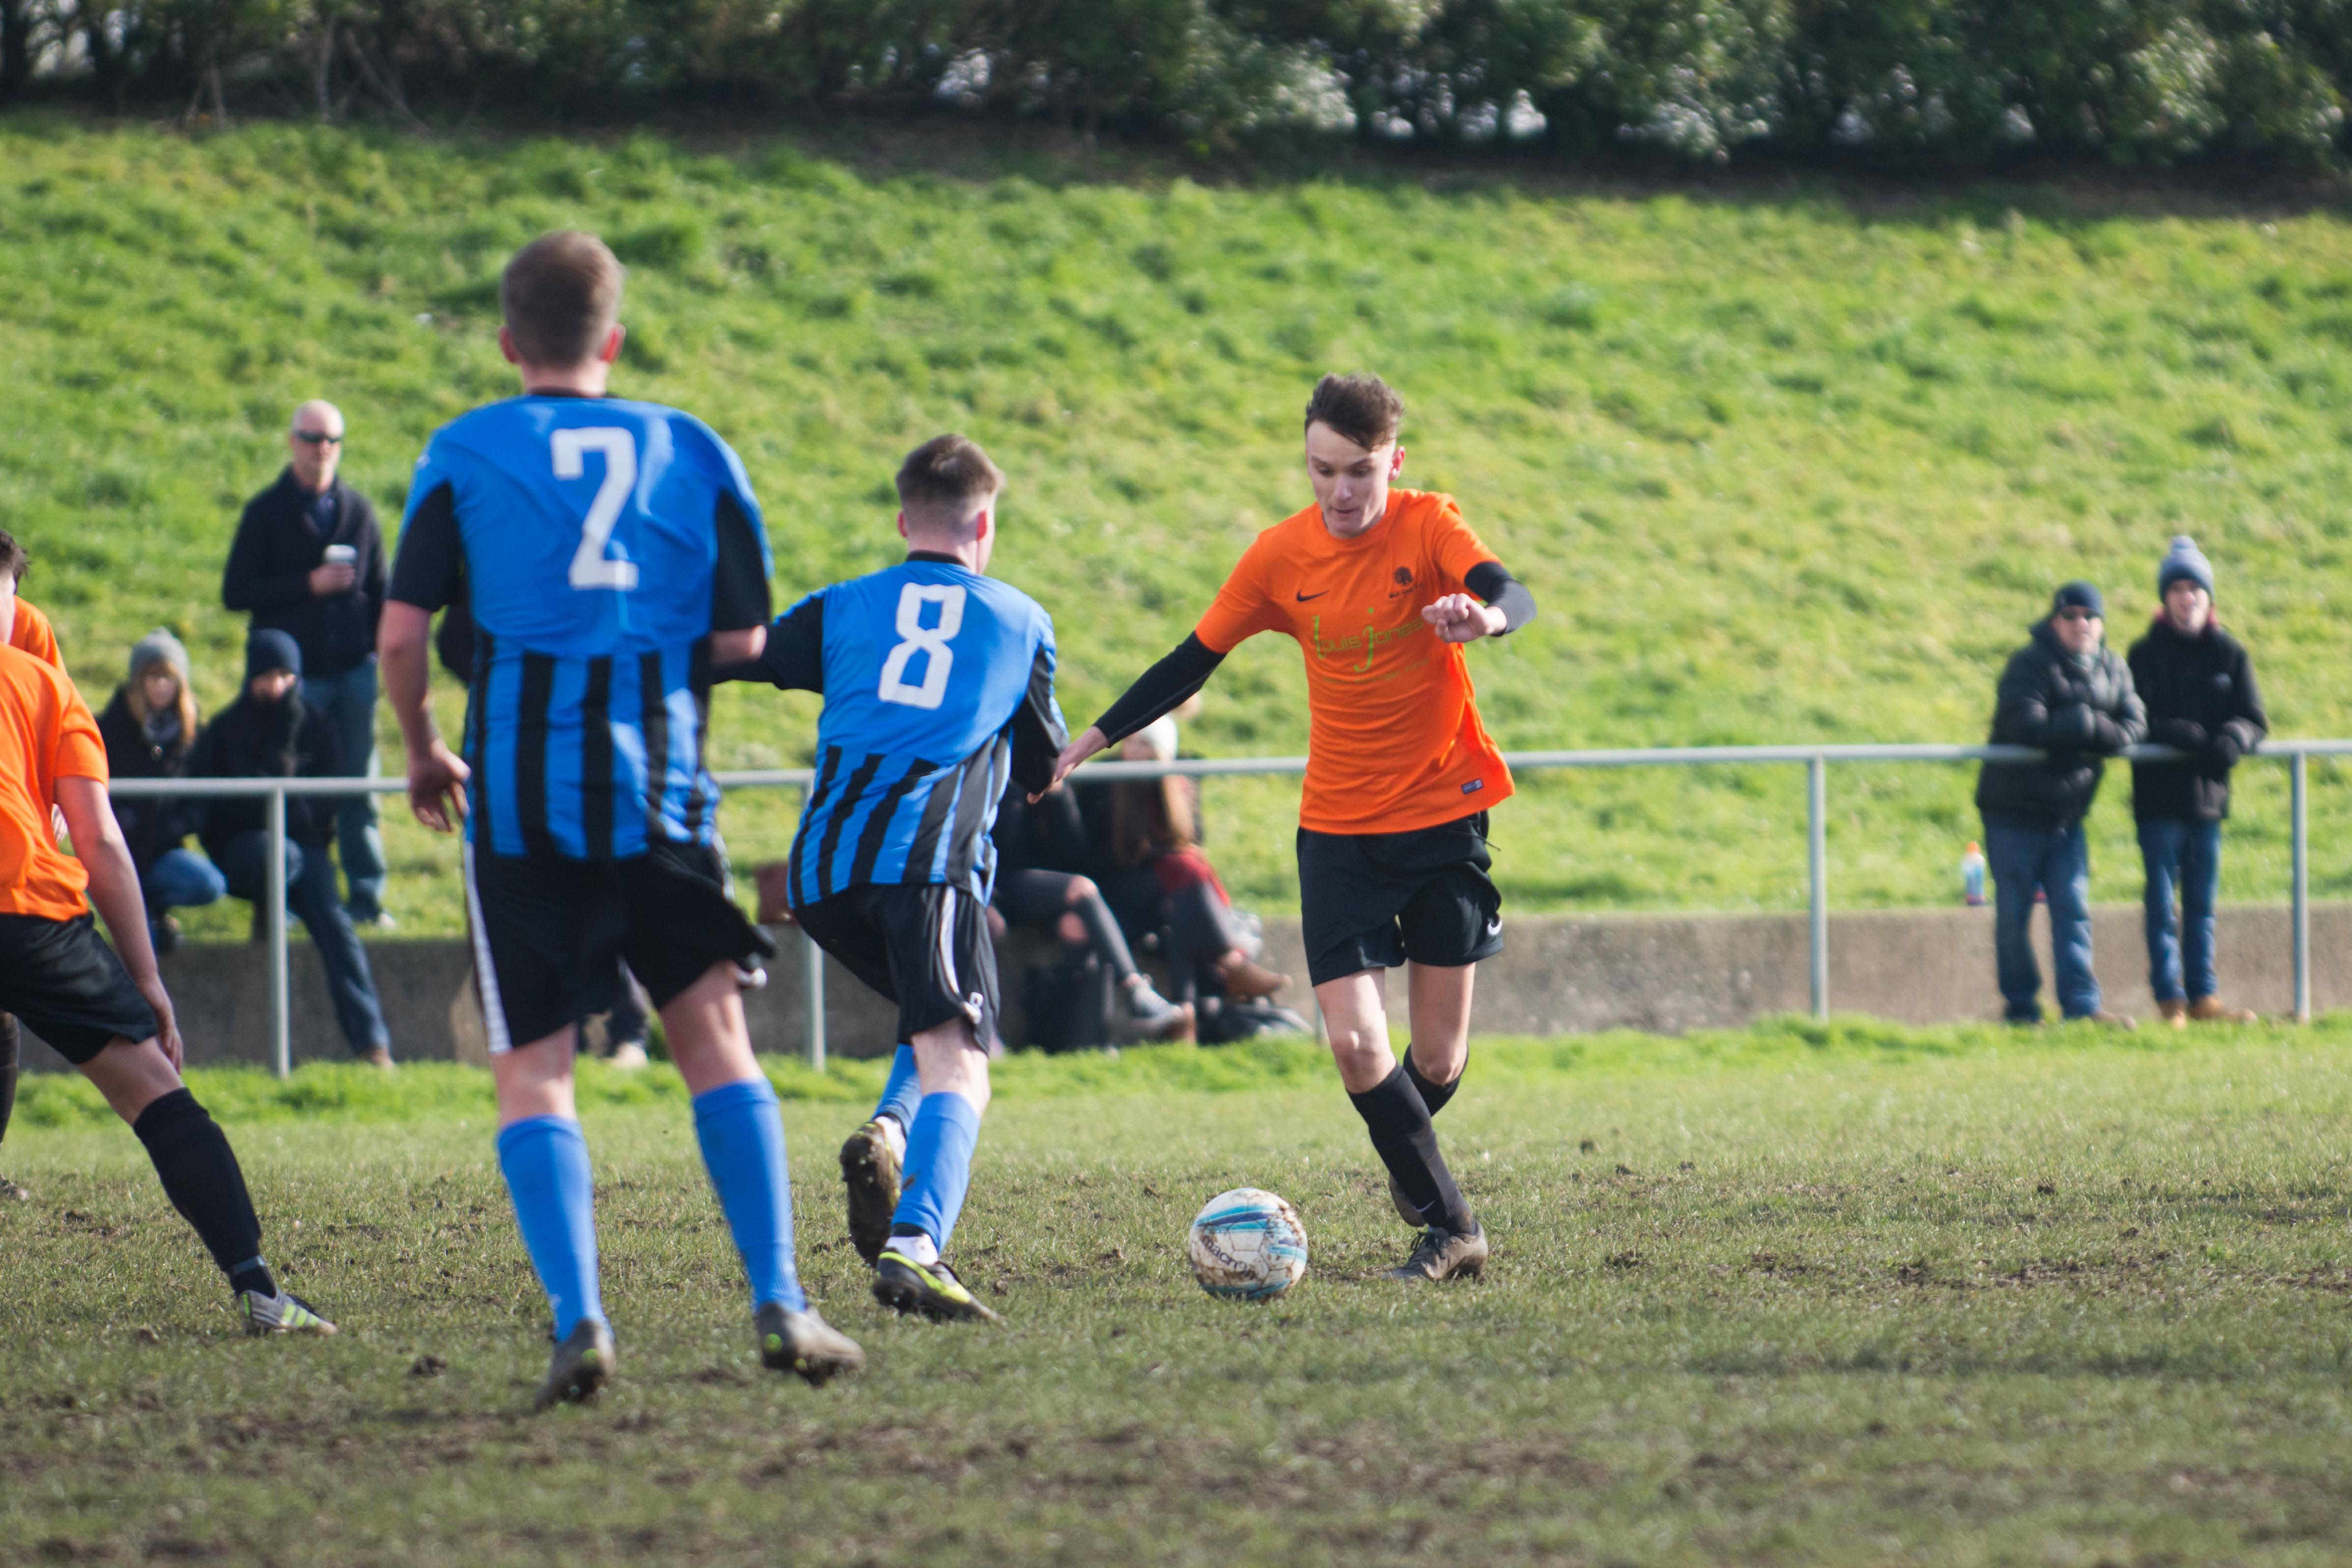 Mile Oak FC U18s vs Newhaven FC U18s 04.02.18 21